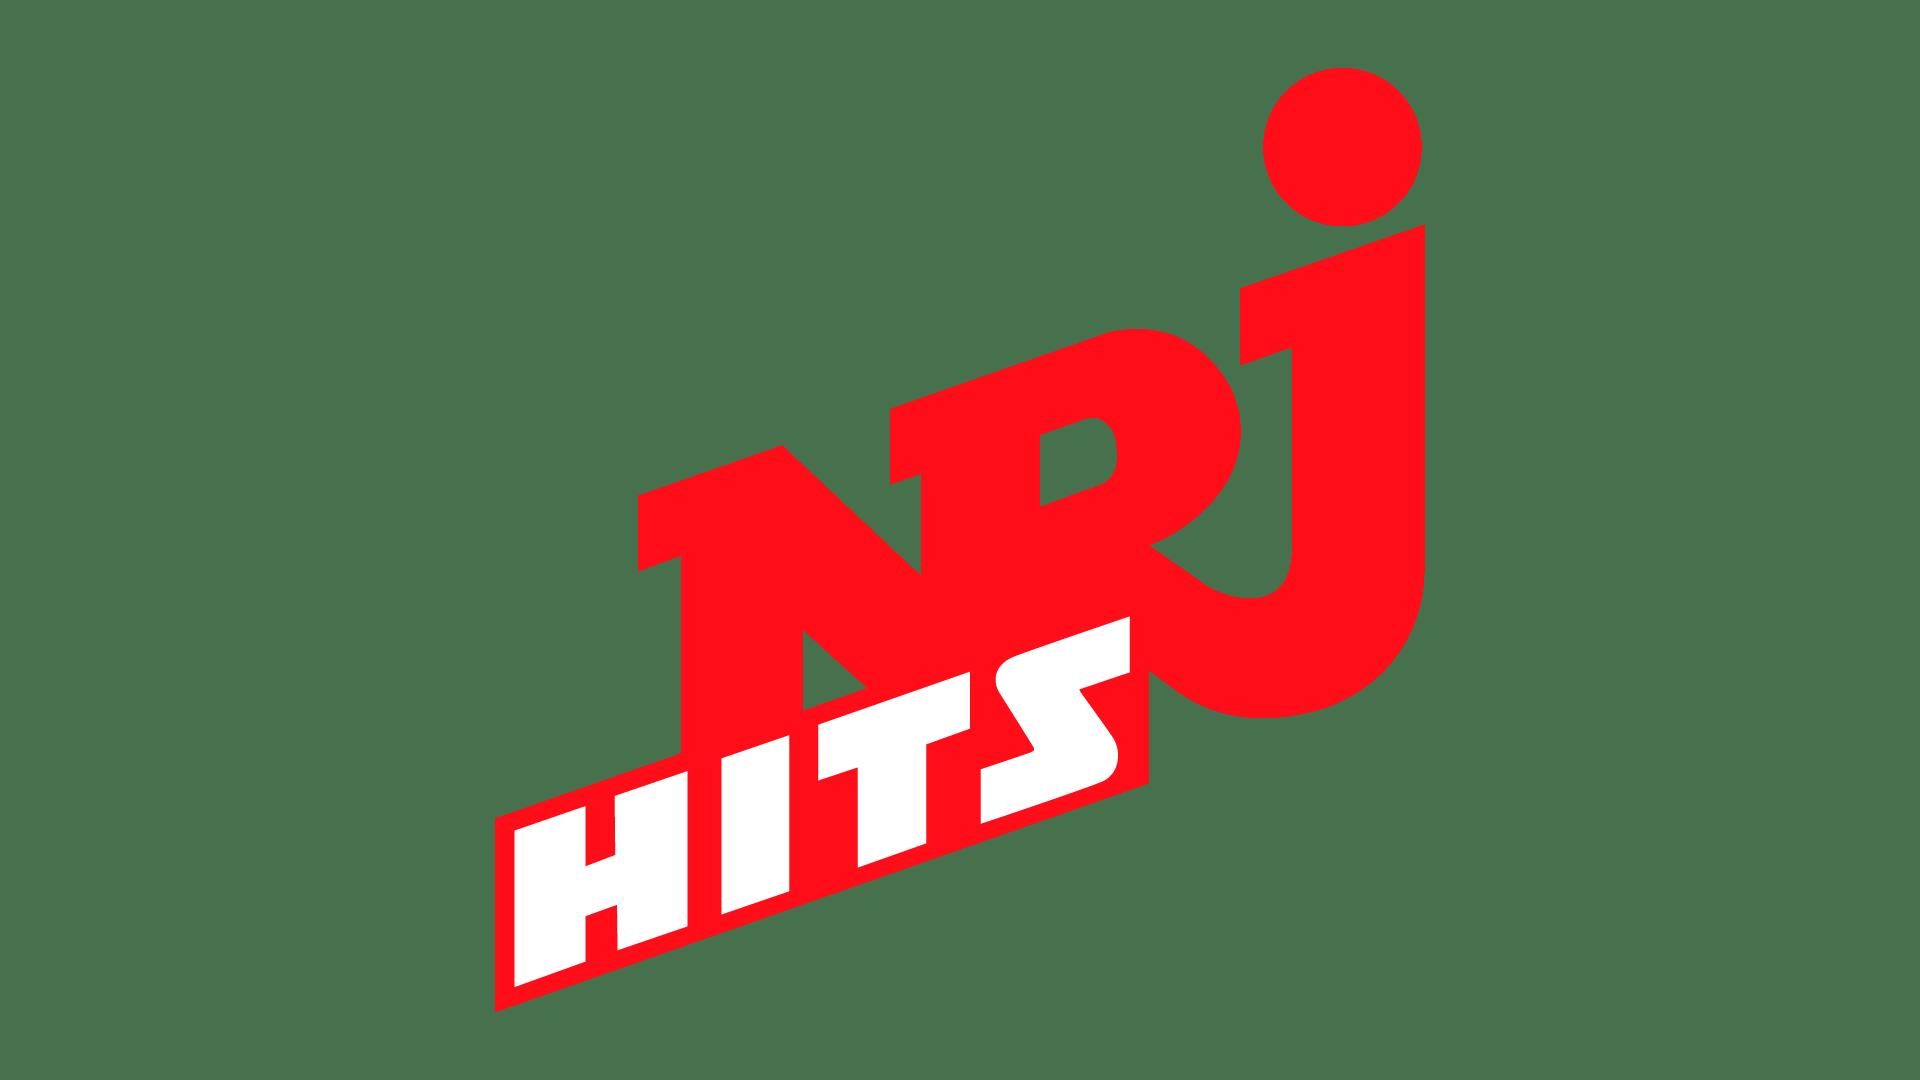 NRJ HITS Live TV, Online